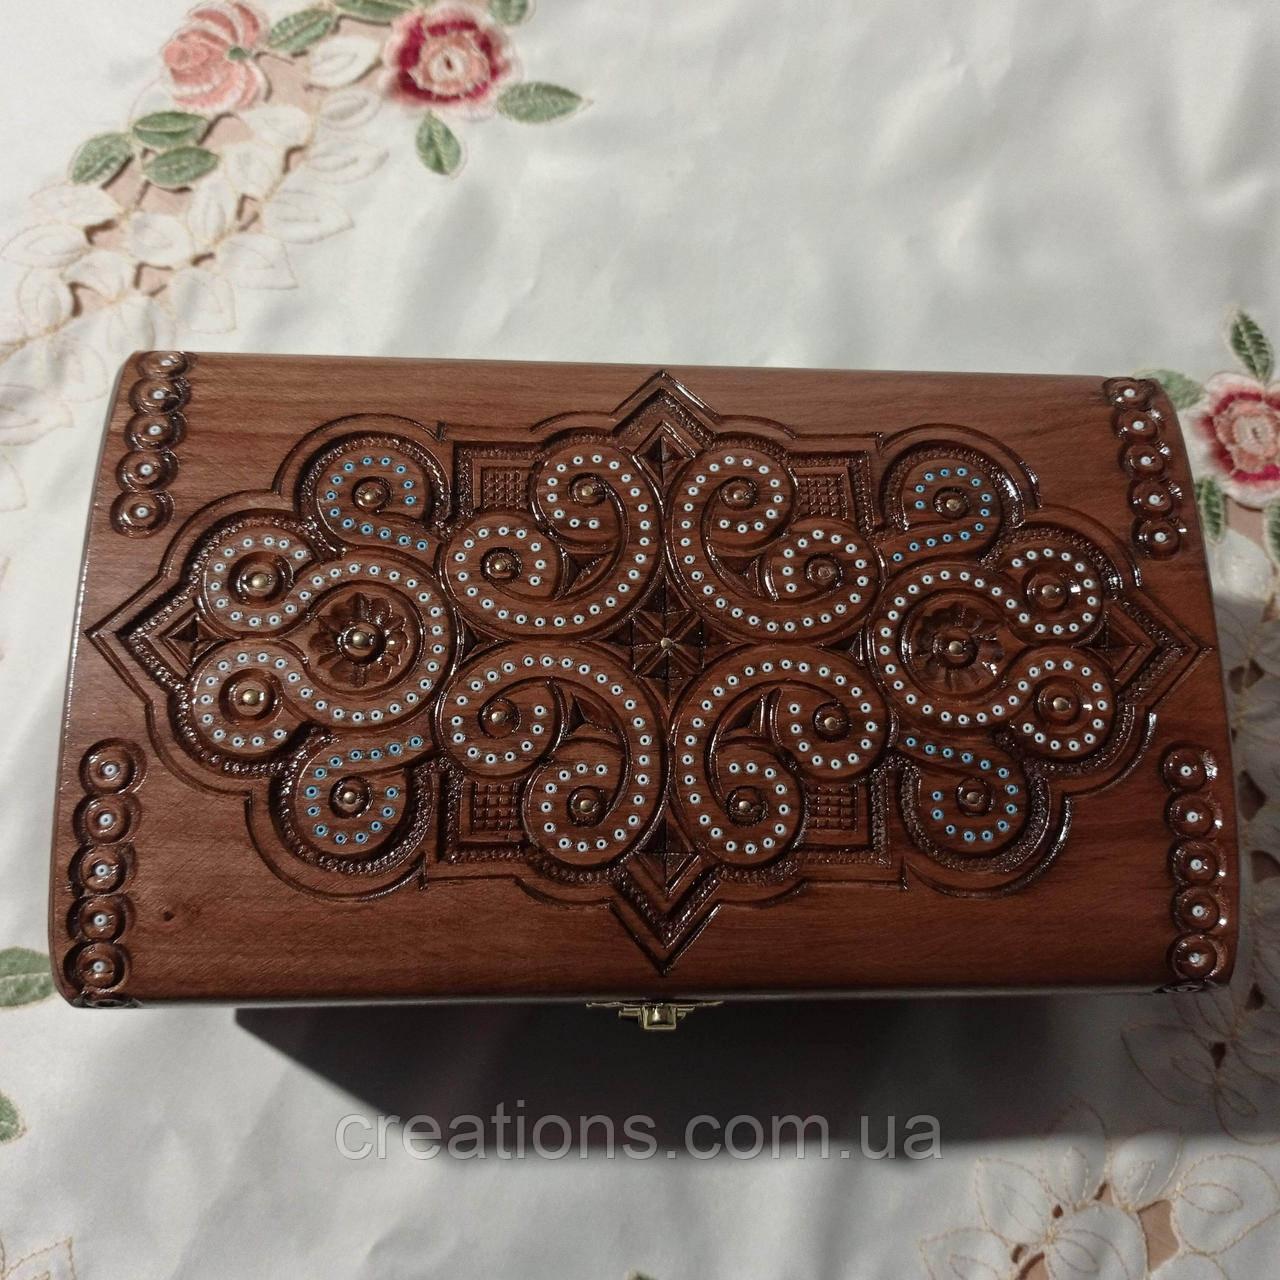 Шкатулка дерев'яна різьблена 23*12*11 для прикрас, ручна робота